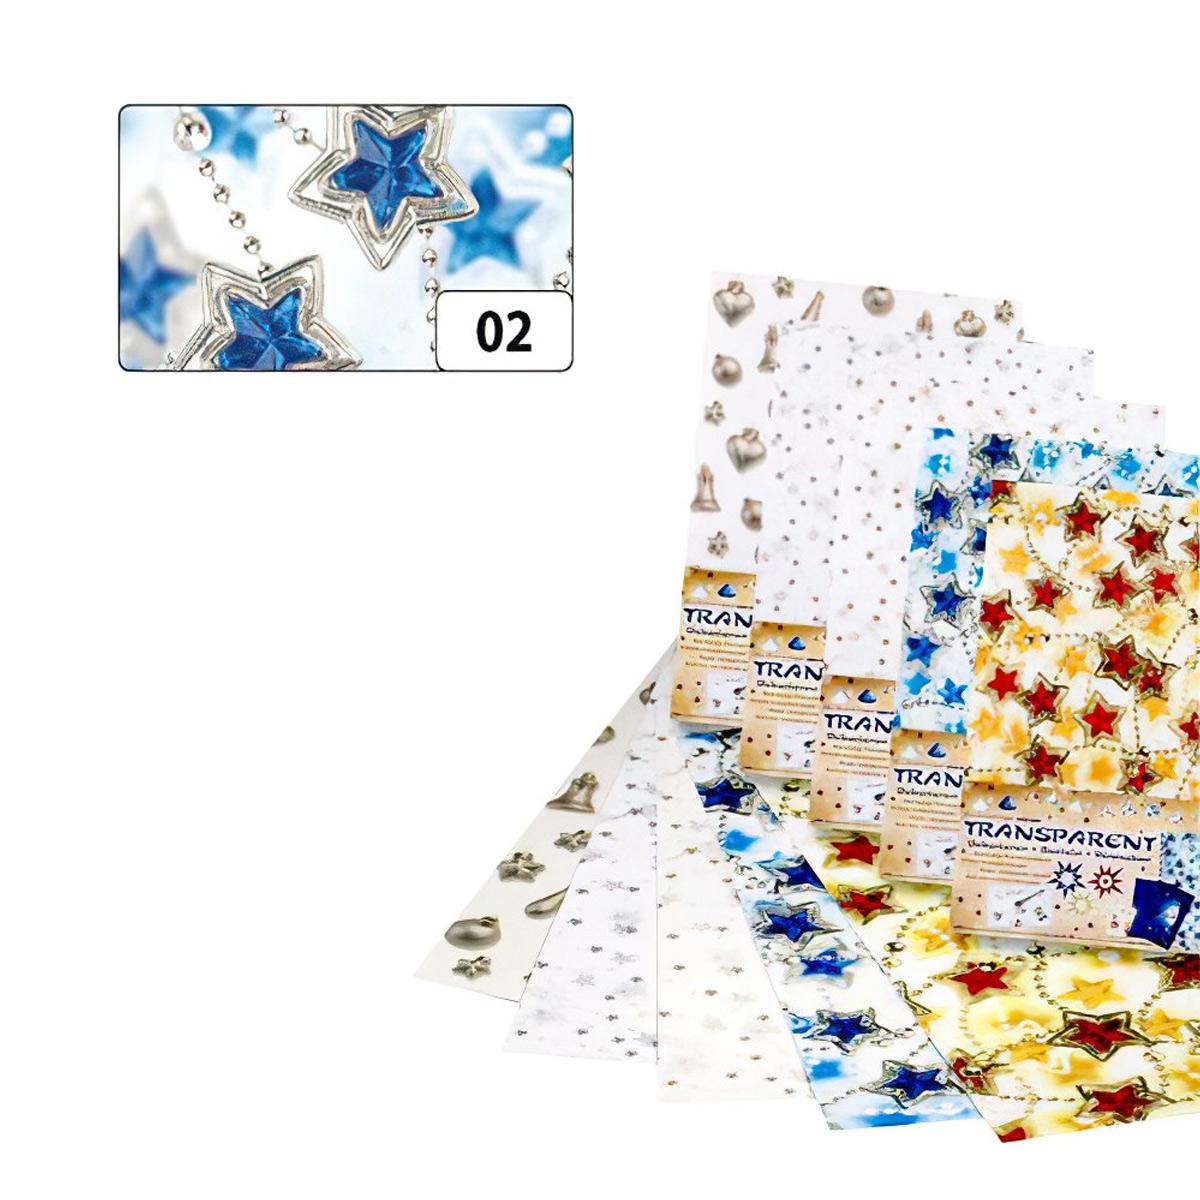 88102 Транспарентная бумага 'Цепочка из звезд', голуб./серебр., 115 г/м², 50,5*70 см, Folia